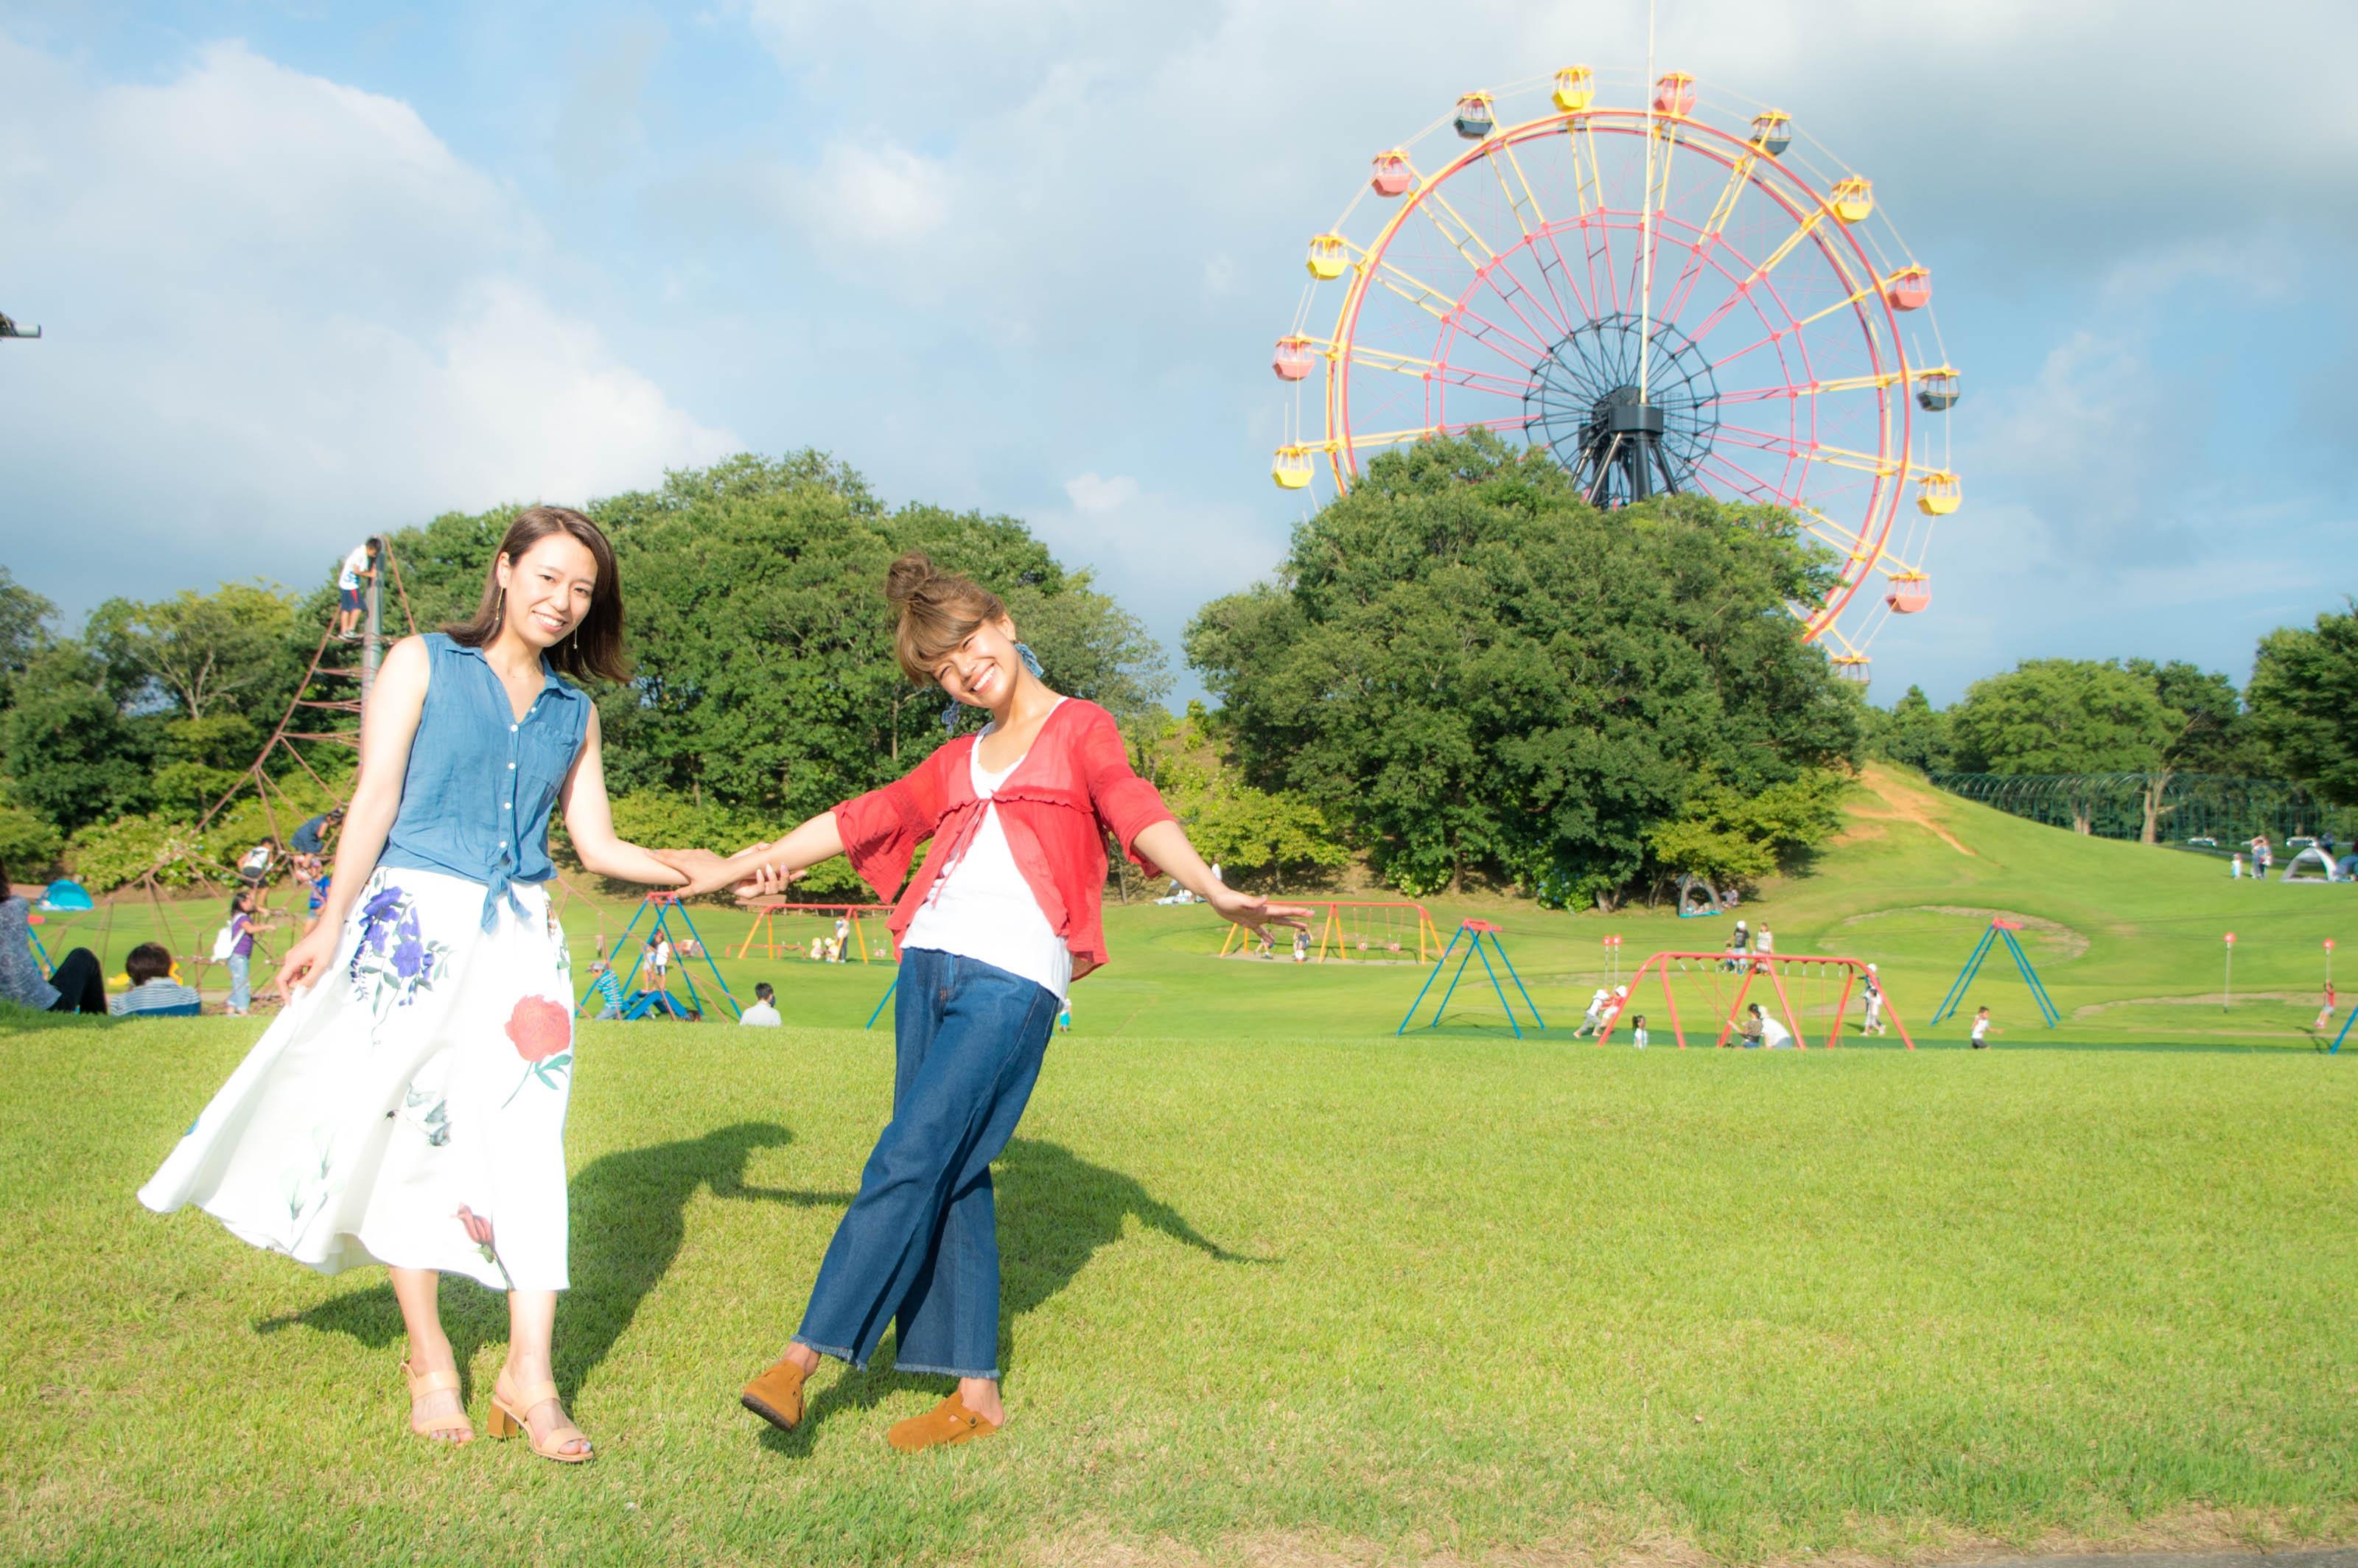 元あいのりクロリサが「東京ドイツ村」で過ごした大人な休日とは・・・